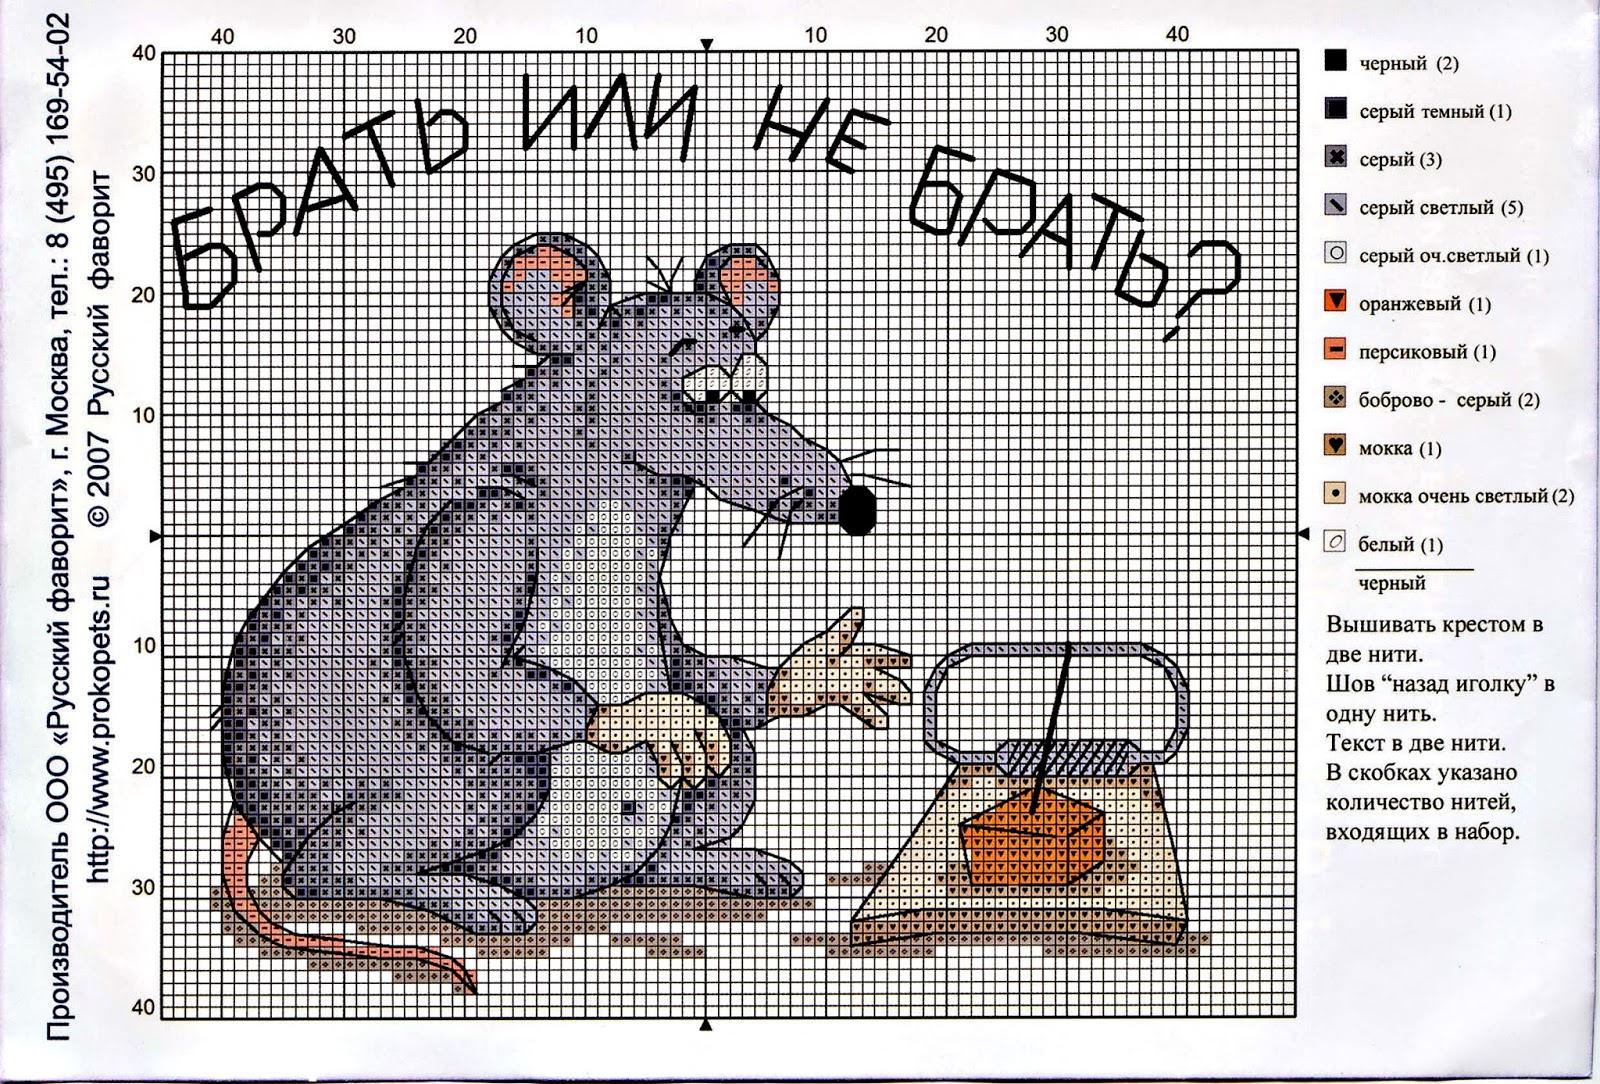 Как сделать схему вышивки крестом по картинке 17